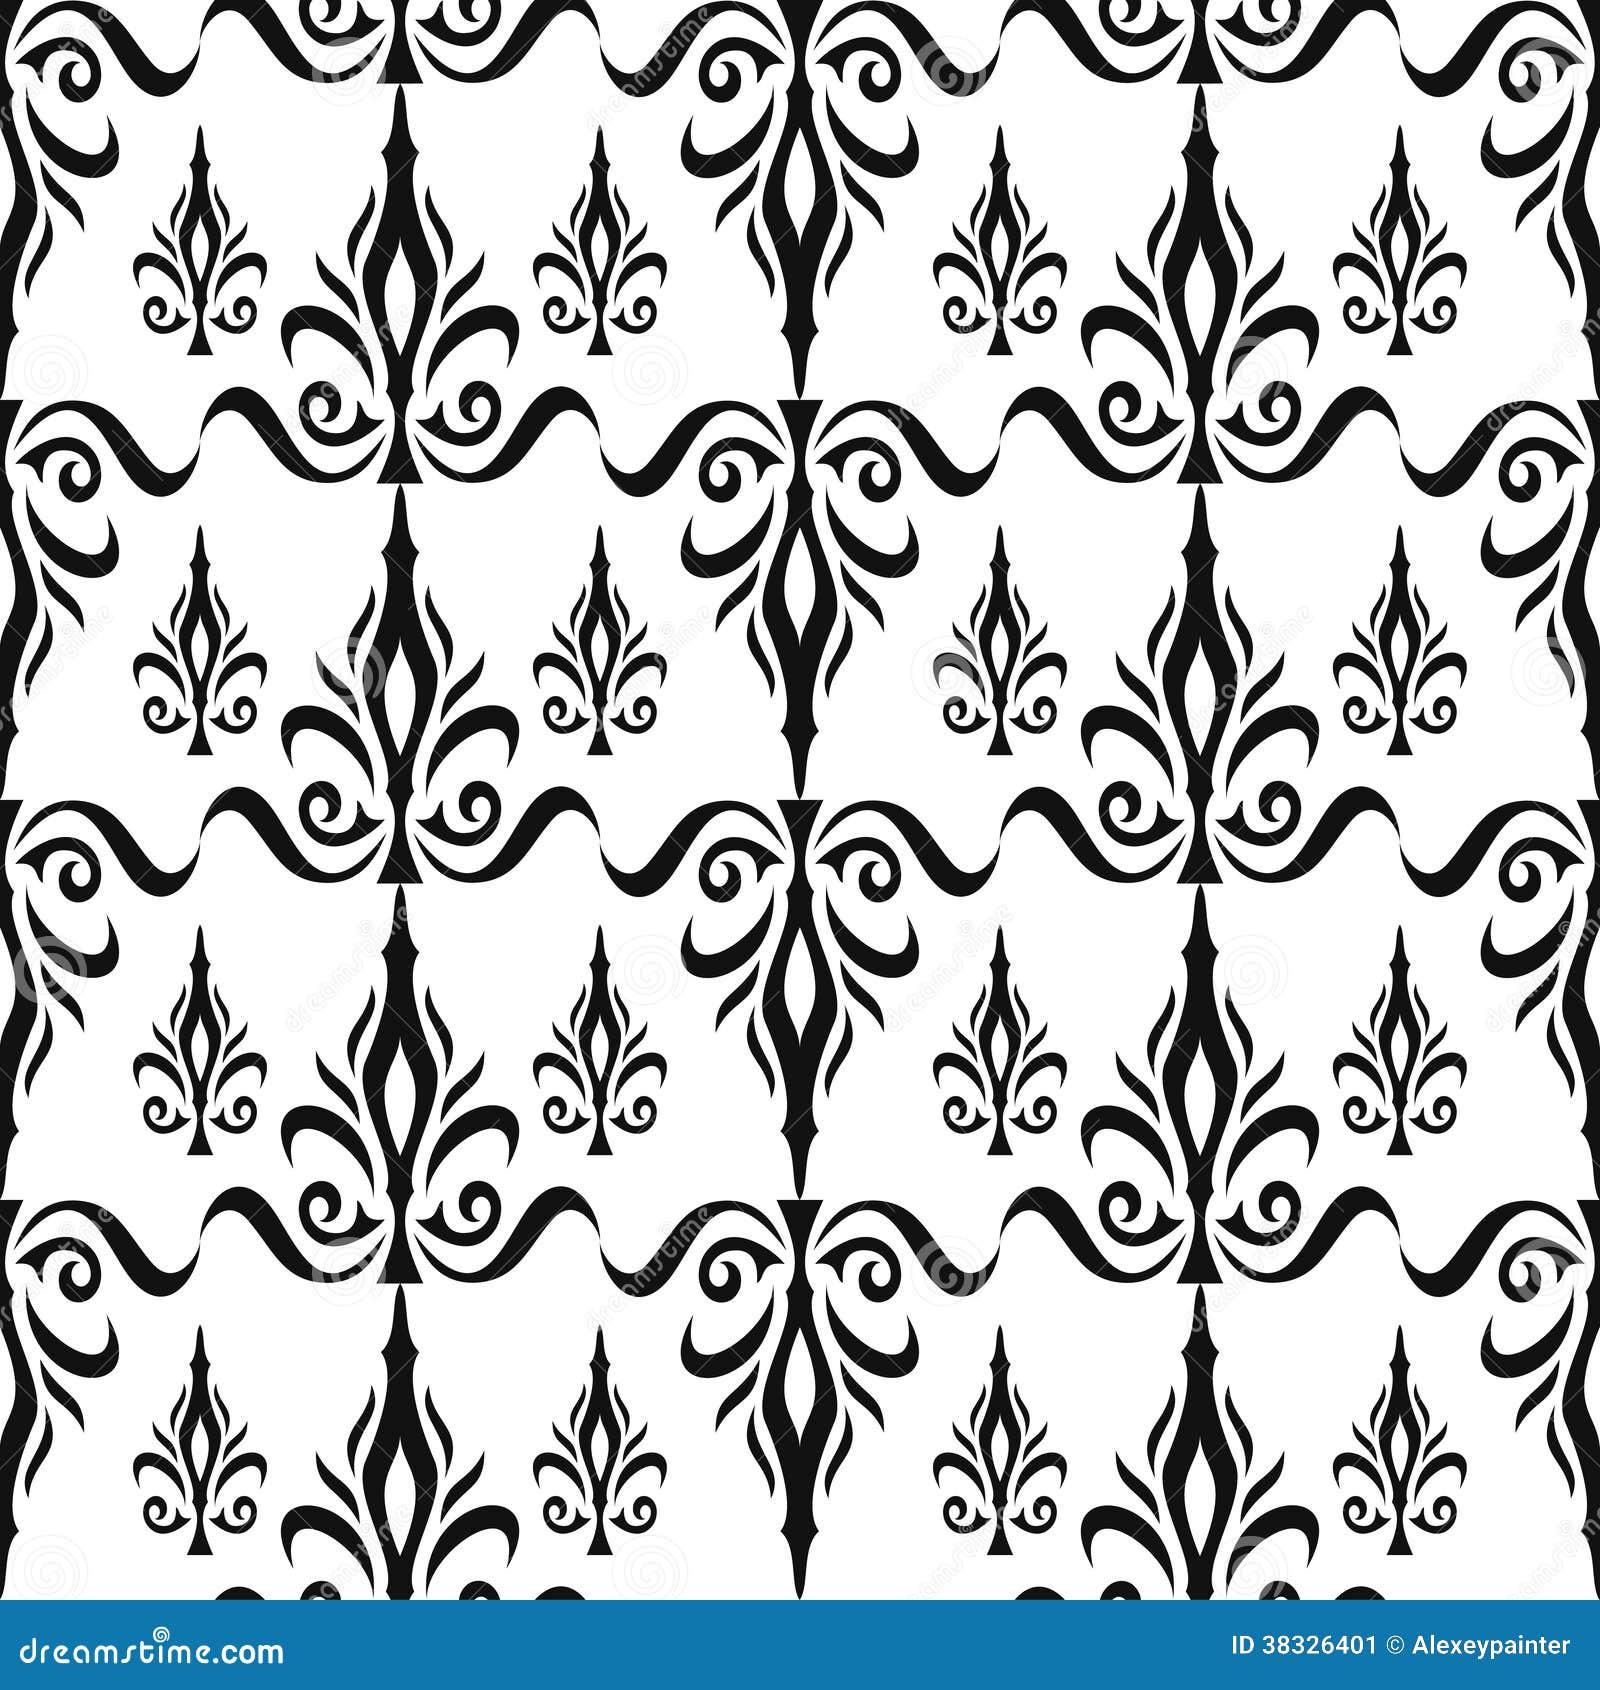 锦缎无缝的花卉样式。皇家墙纸。花和冠在黑色在白色背景